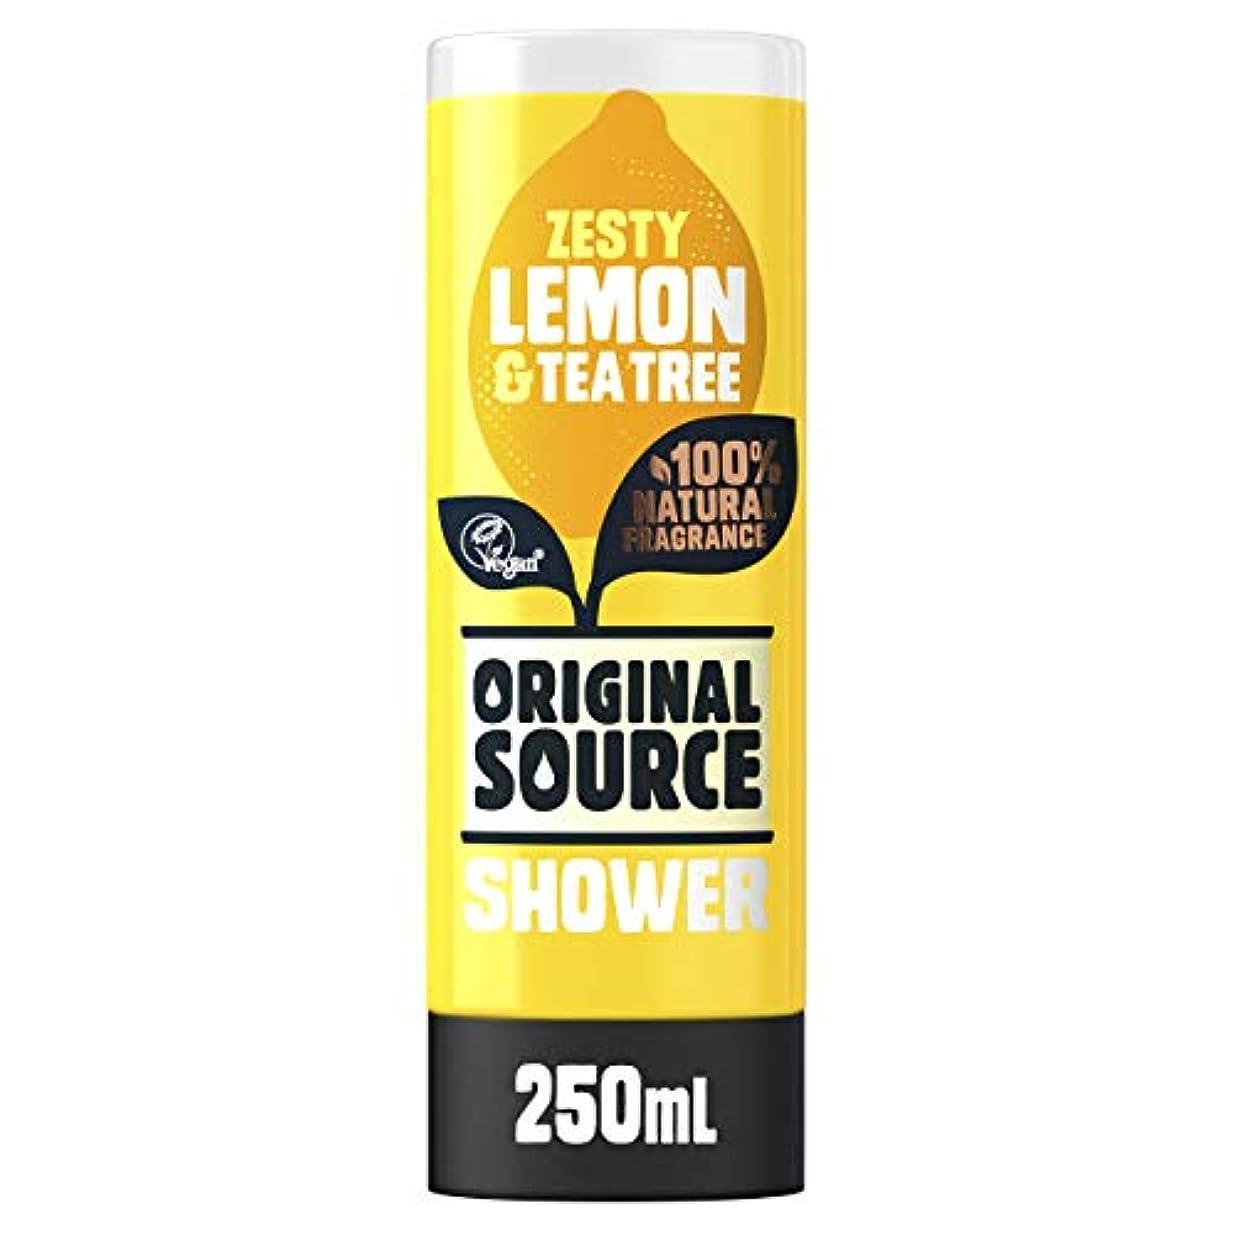 無臭思慮のないコウモリCussons Lemon and Tea Tree Original Source Shower Gel by PZ CUSSONS (UK) LTD